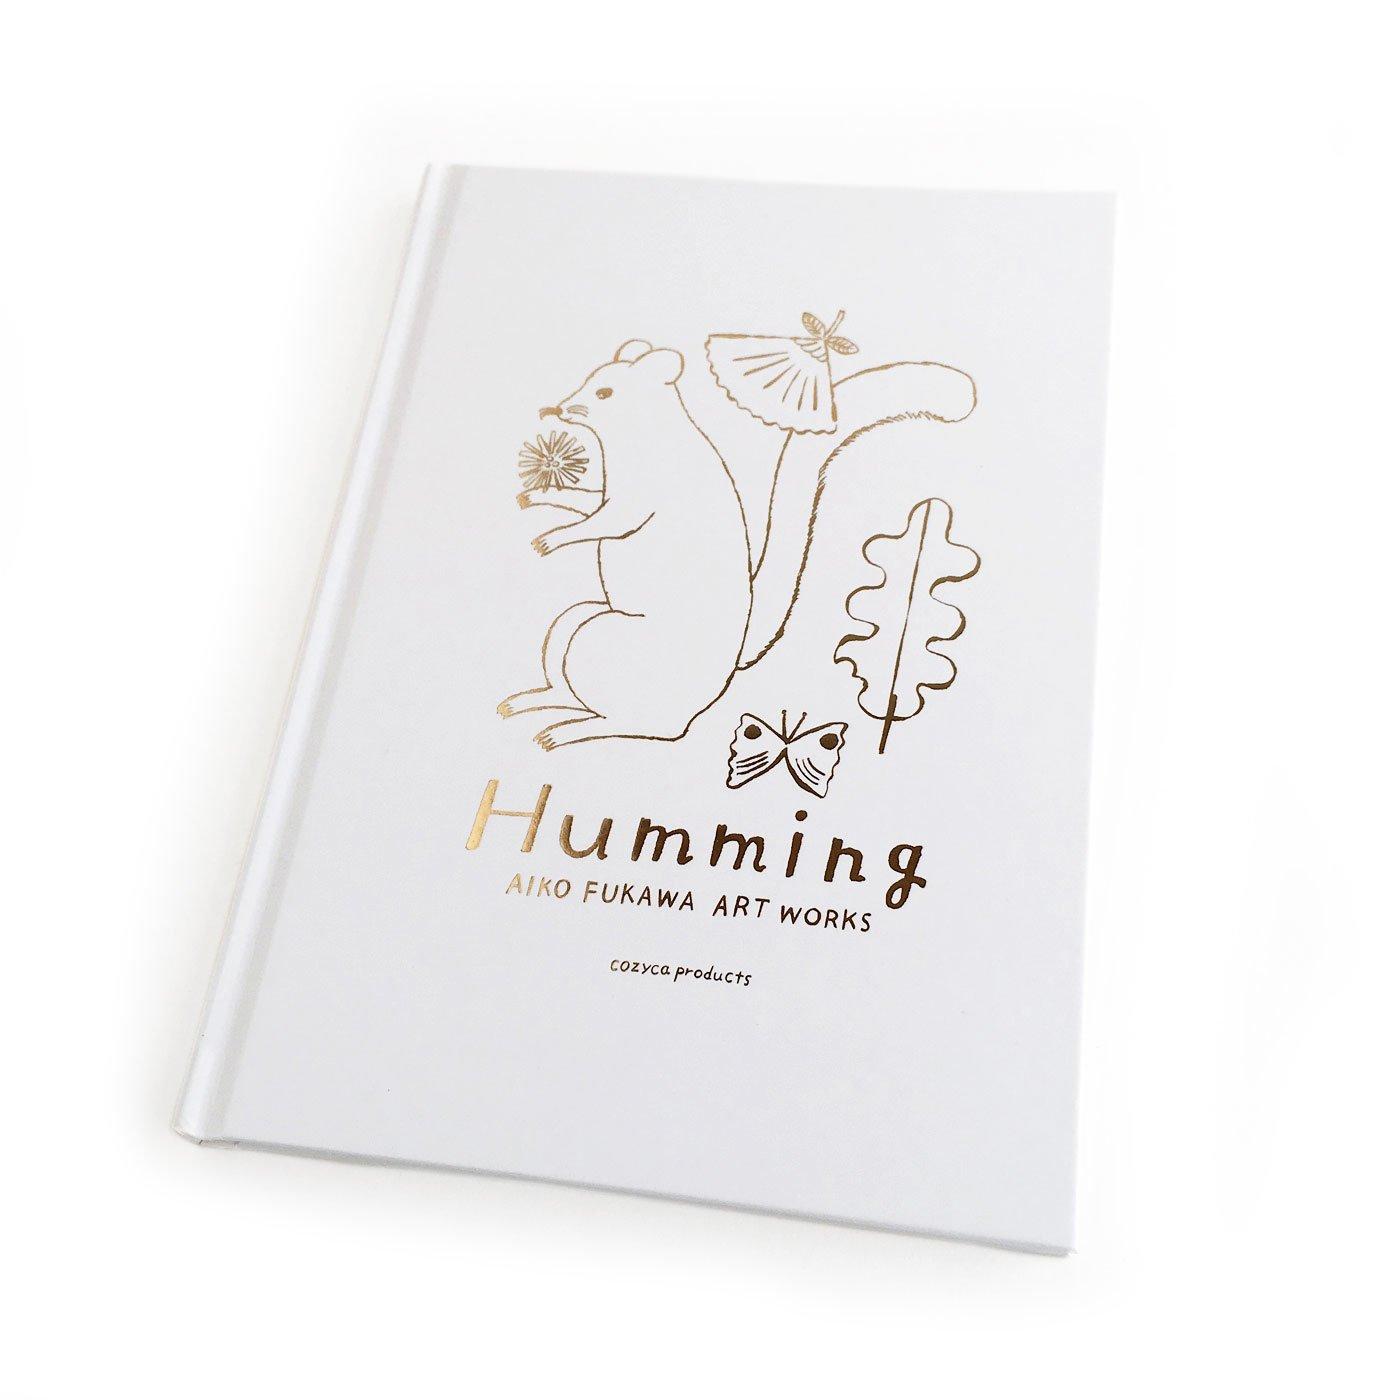 とびきりのかわいさ! 布川愛子 作品集「Humming(ハミング)」